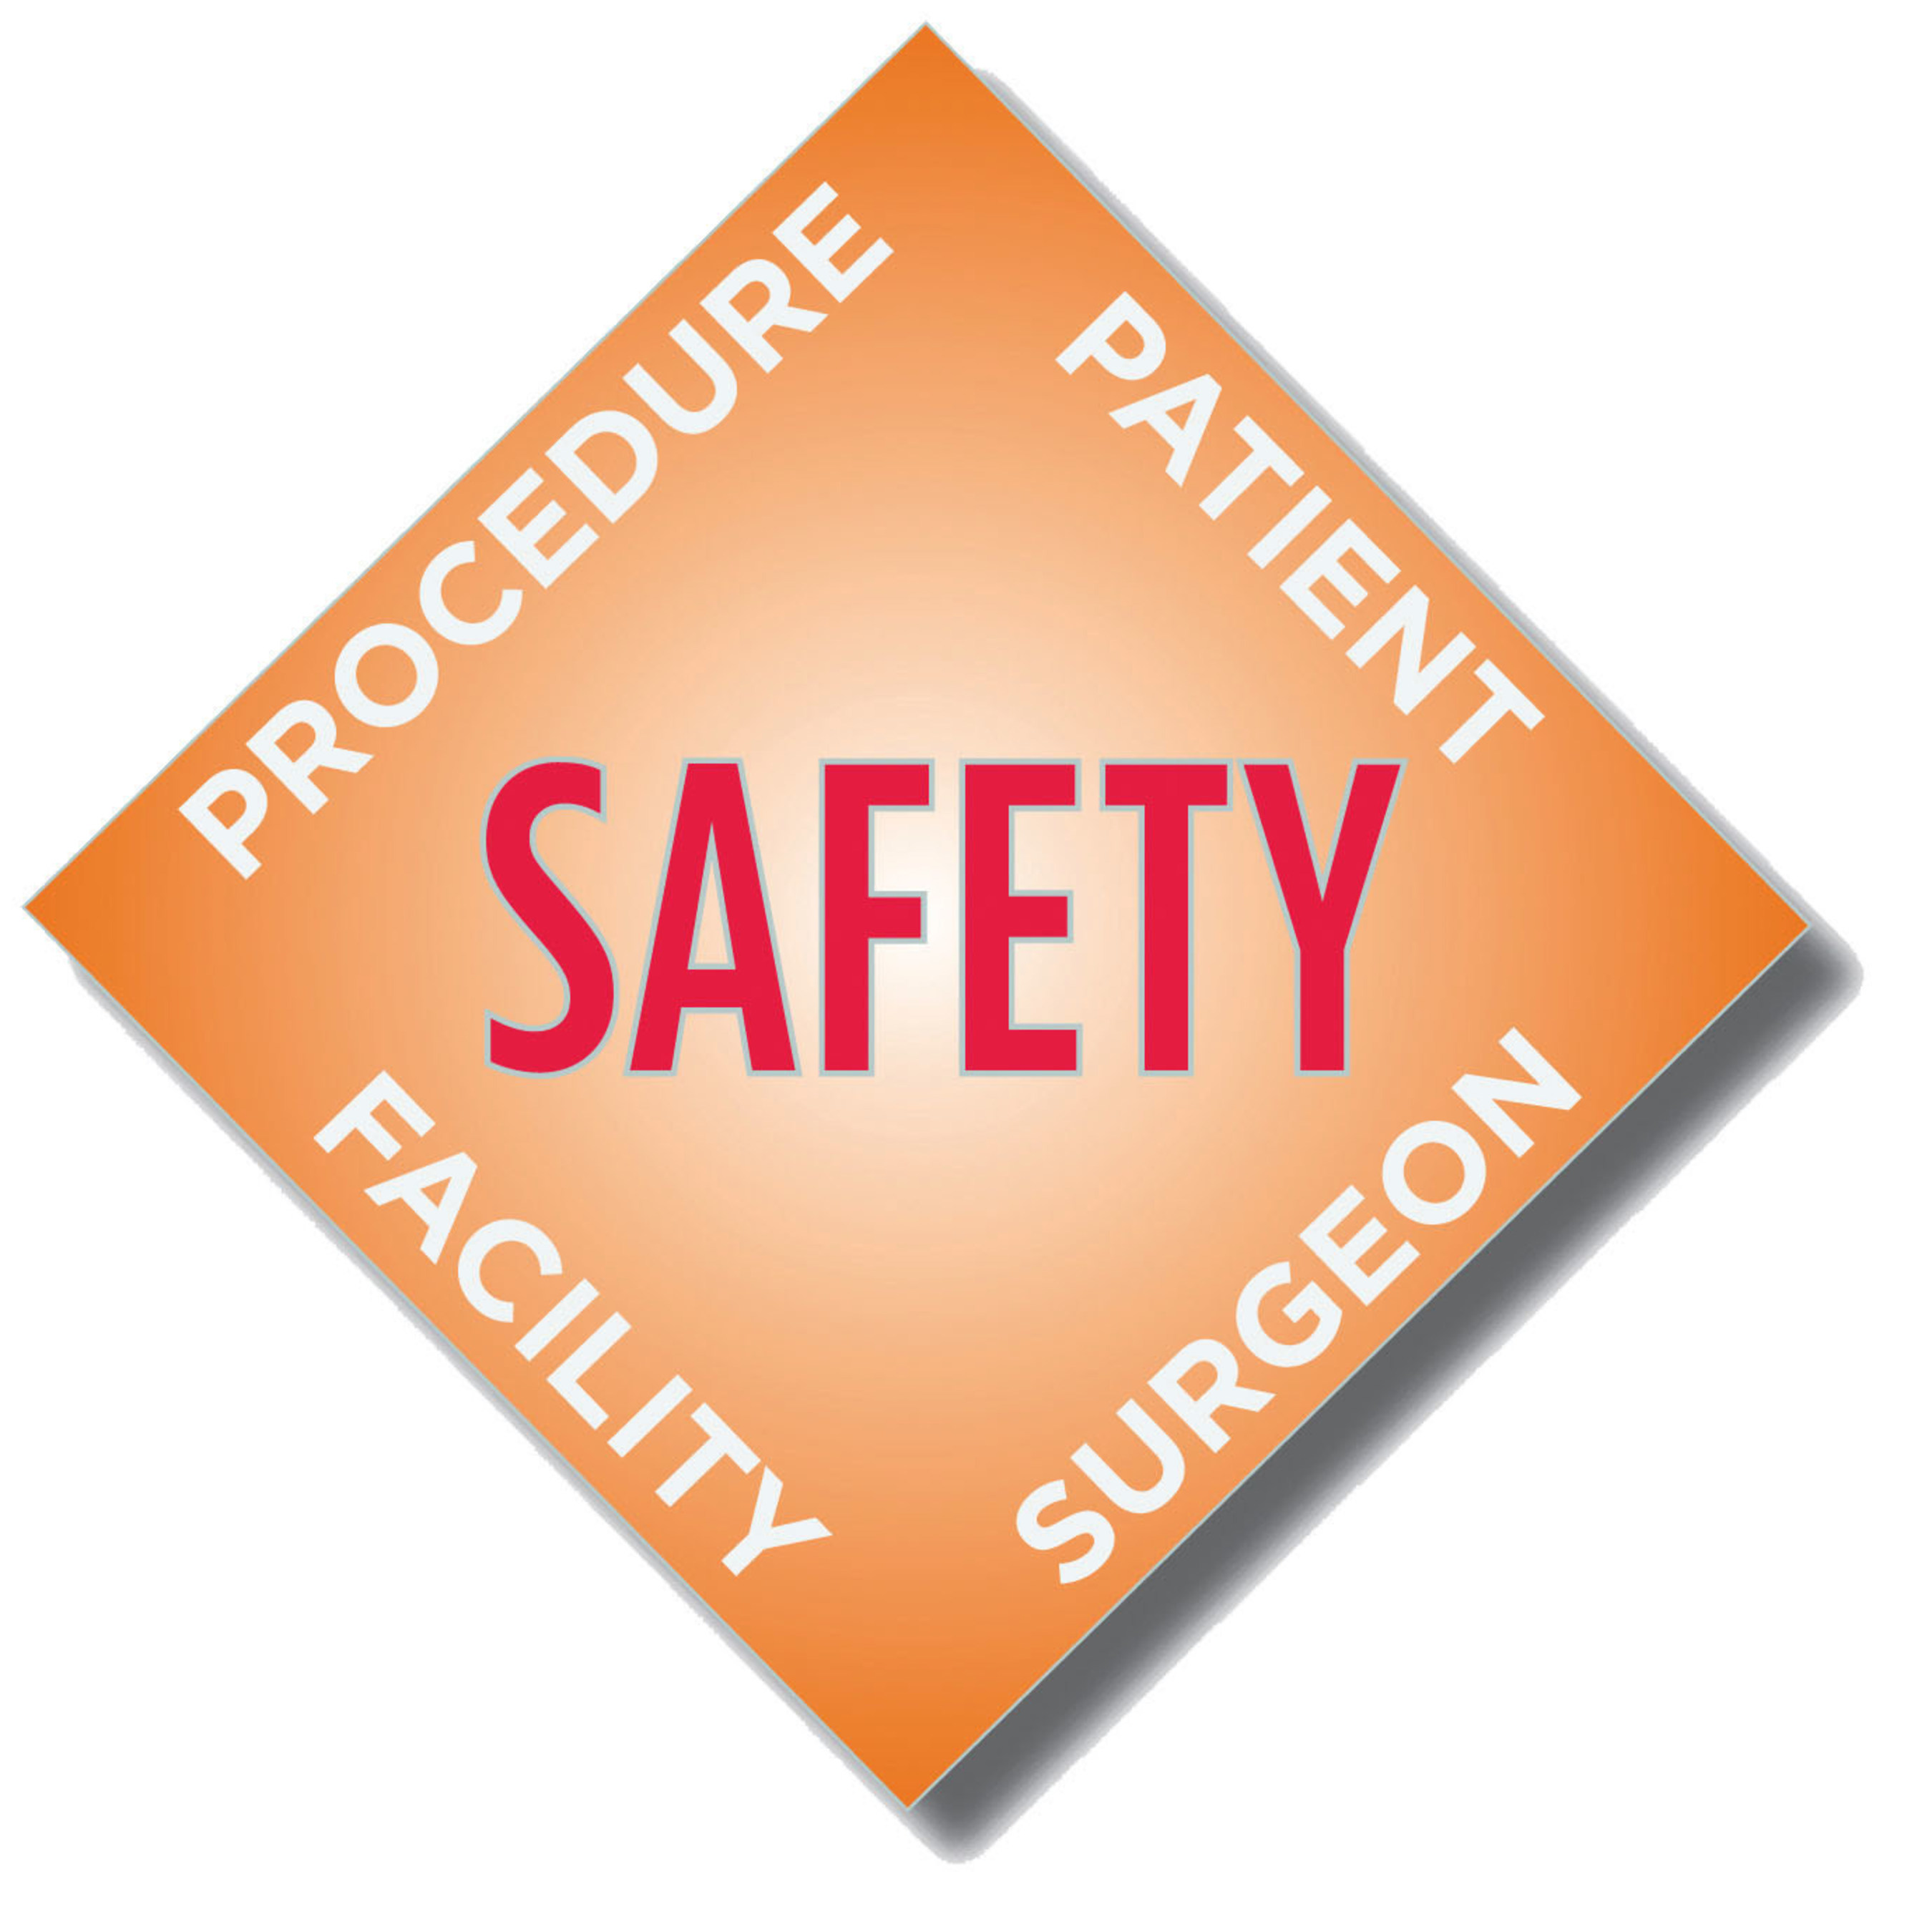 Die International Society of Aesthetic Plastic Surgery (ISAPS) veröffentlicht Warnung an Patienten